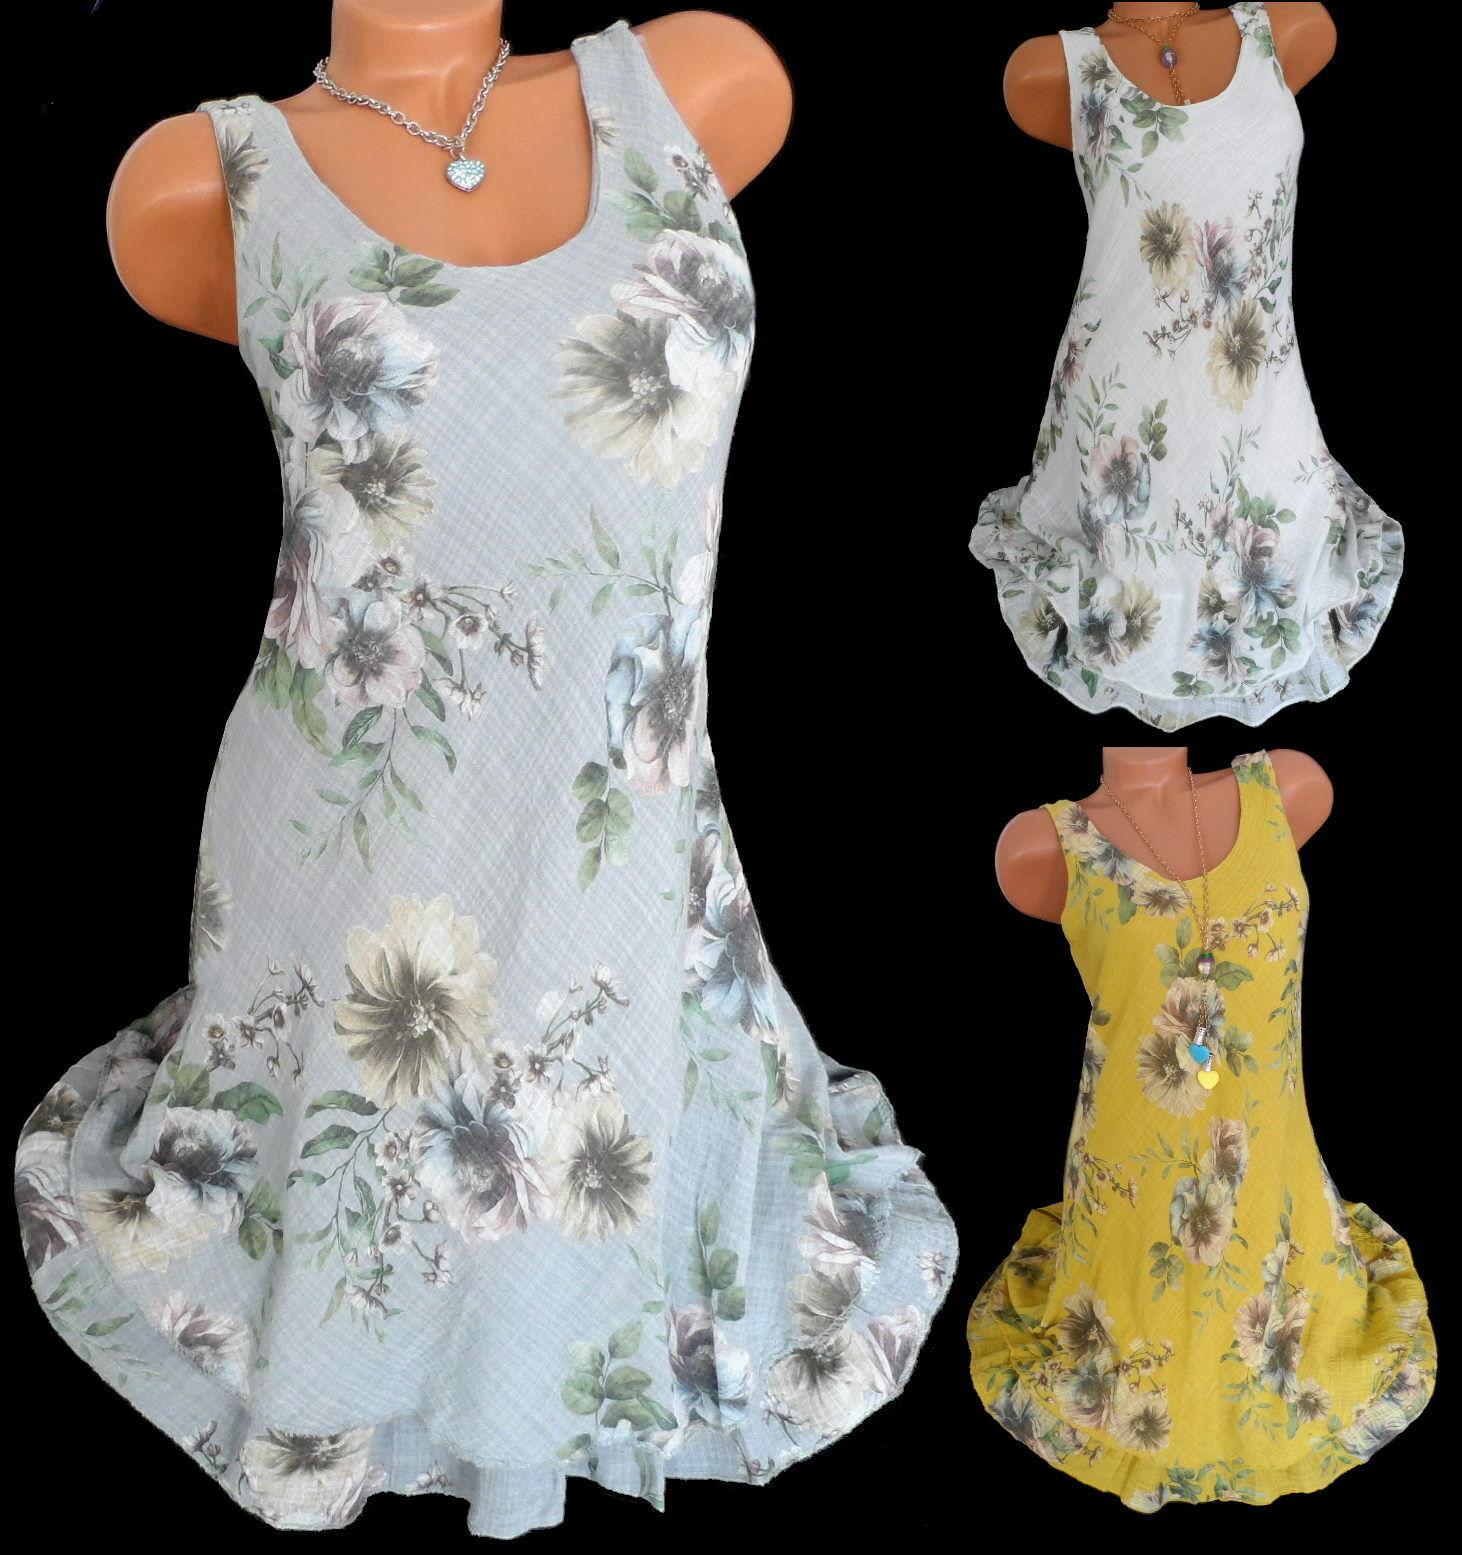 Sommerkleid Lagenlook Blumen Tunika Kleid Damen Kleider ca. Knielang  36 38 40